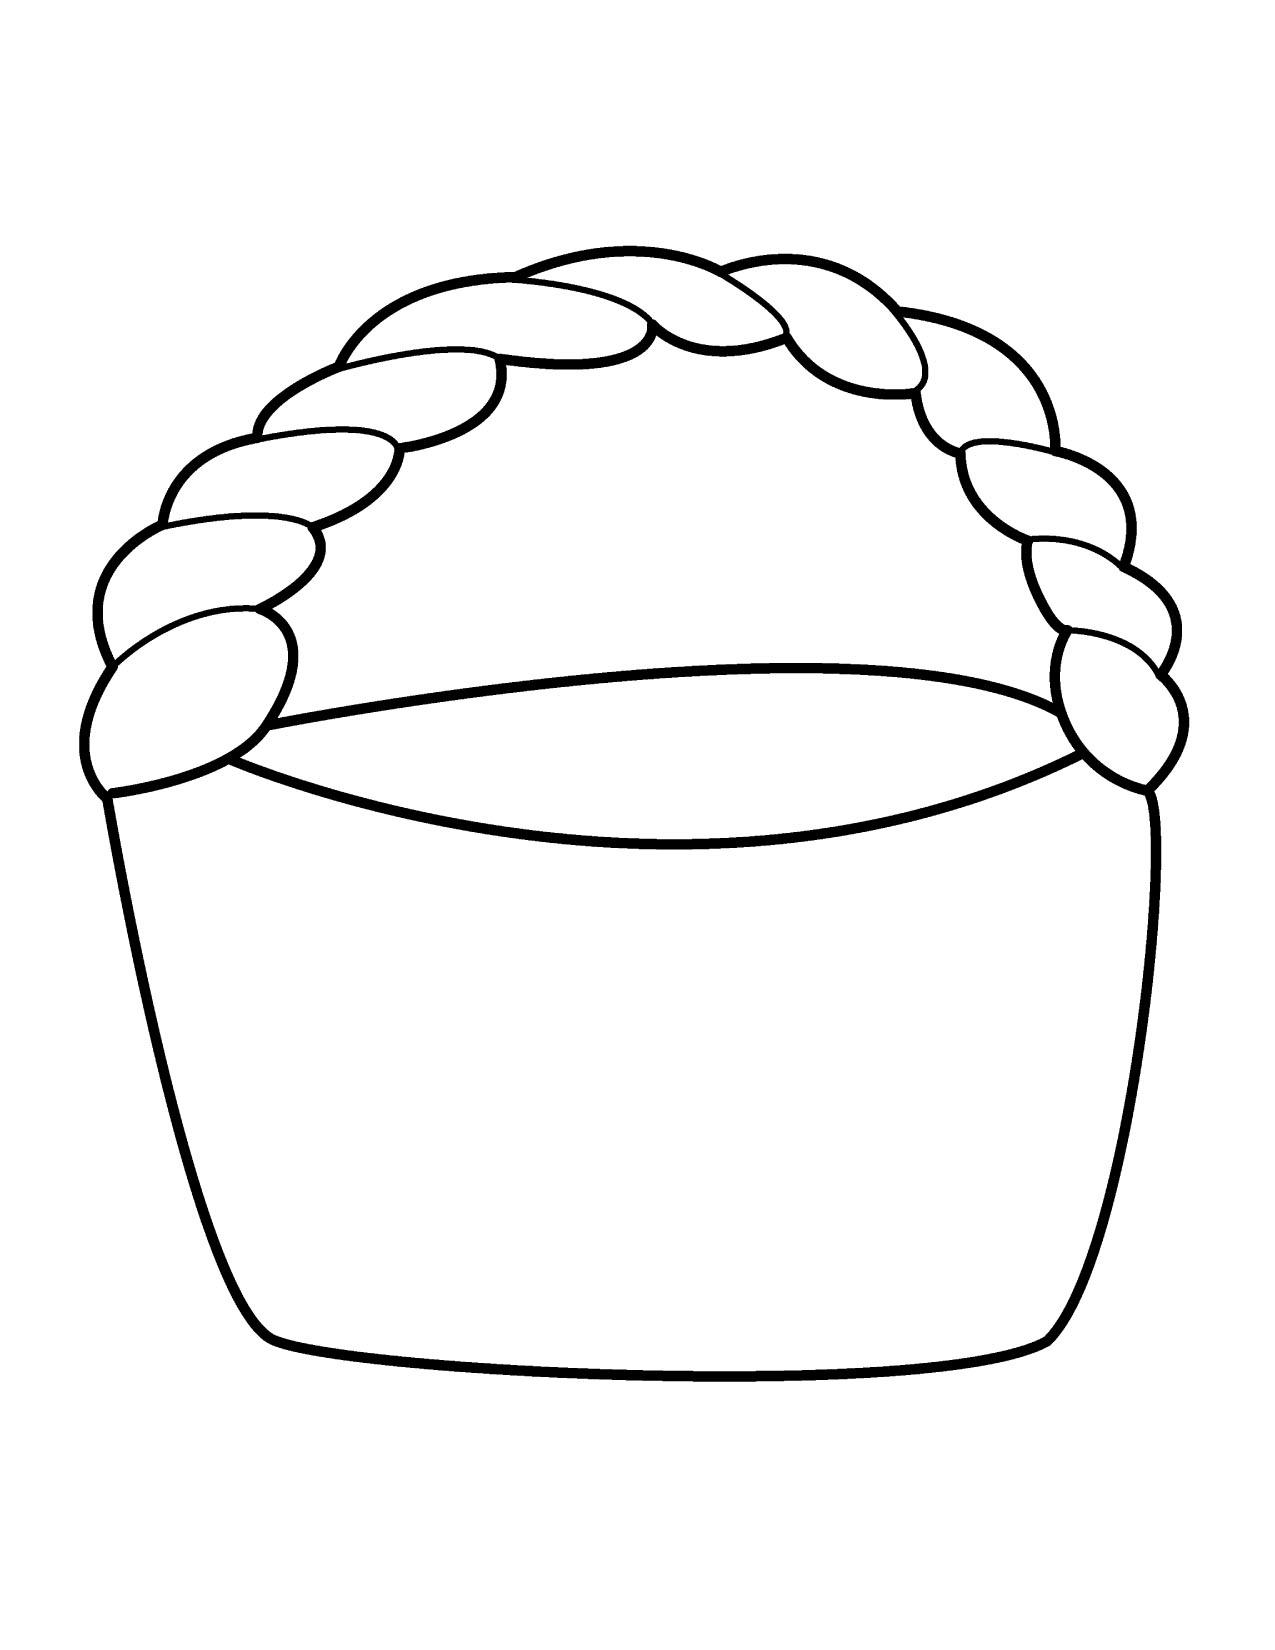 Basket clipart outline, Basket outline Transparent FREE for ...